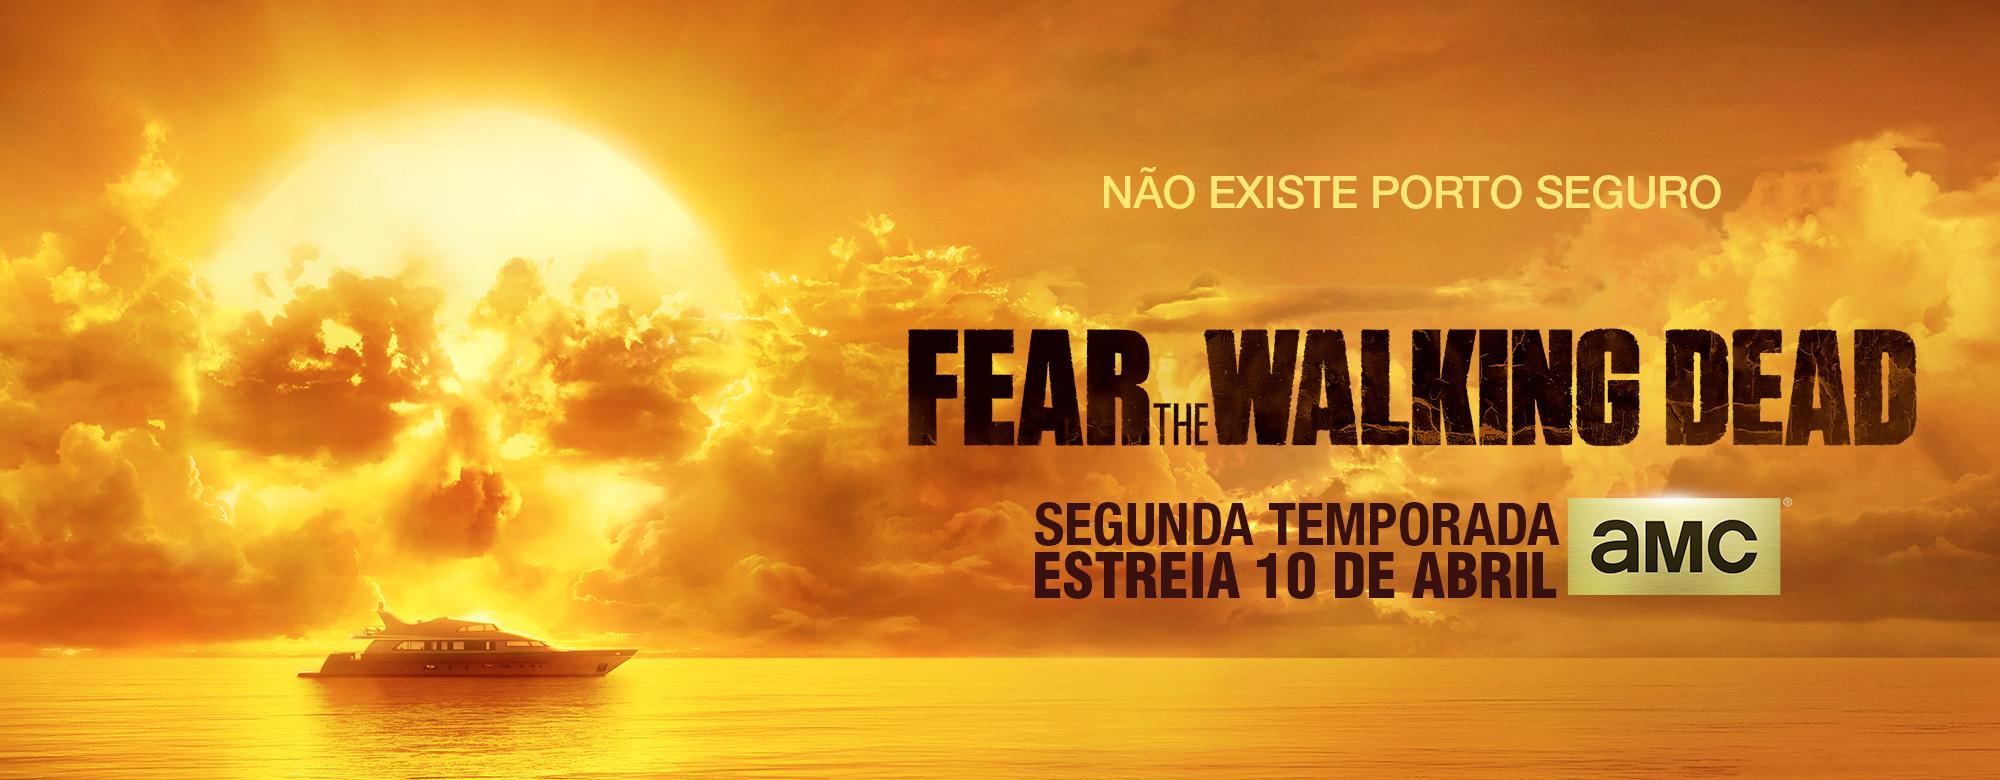 10259_FTWD_S2_horizontal_portugues